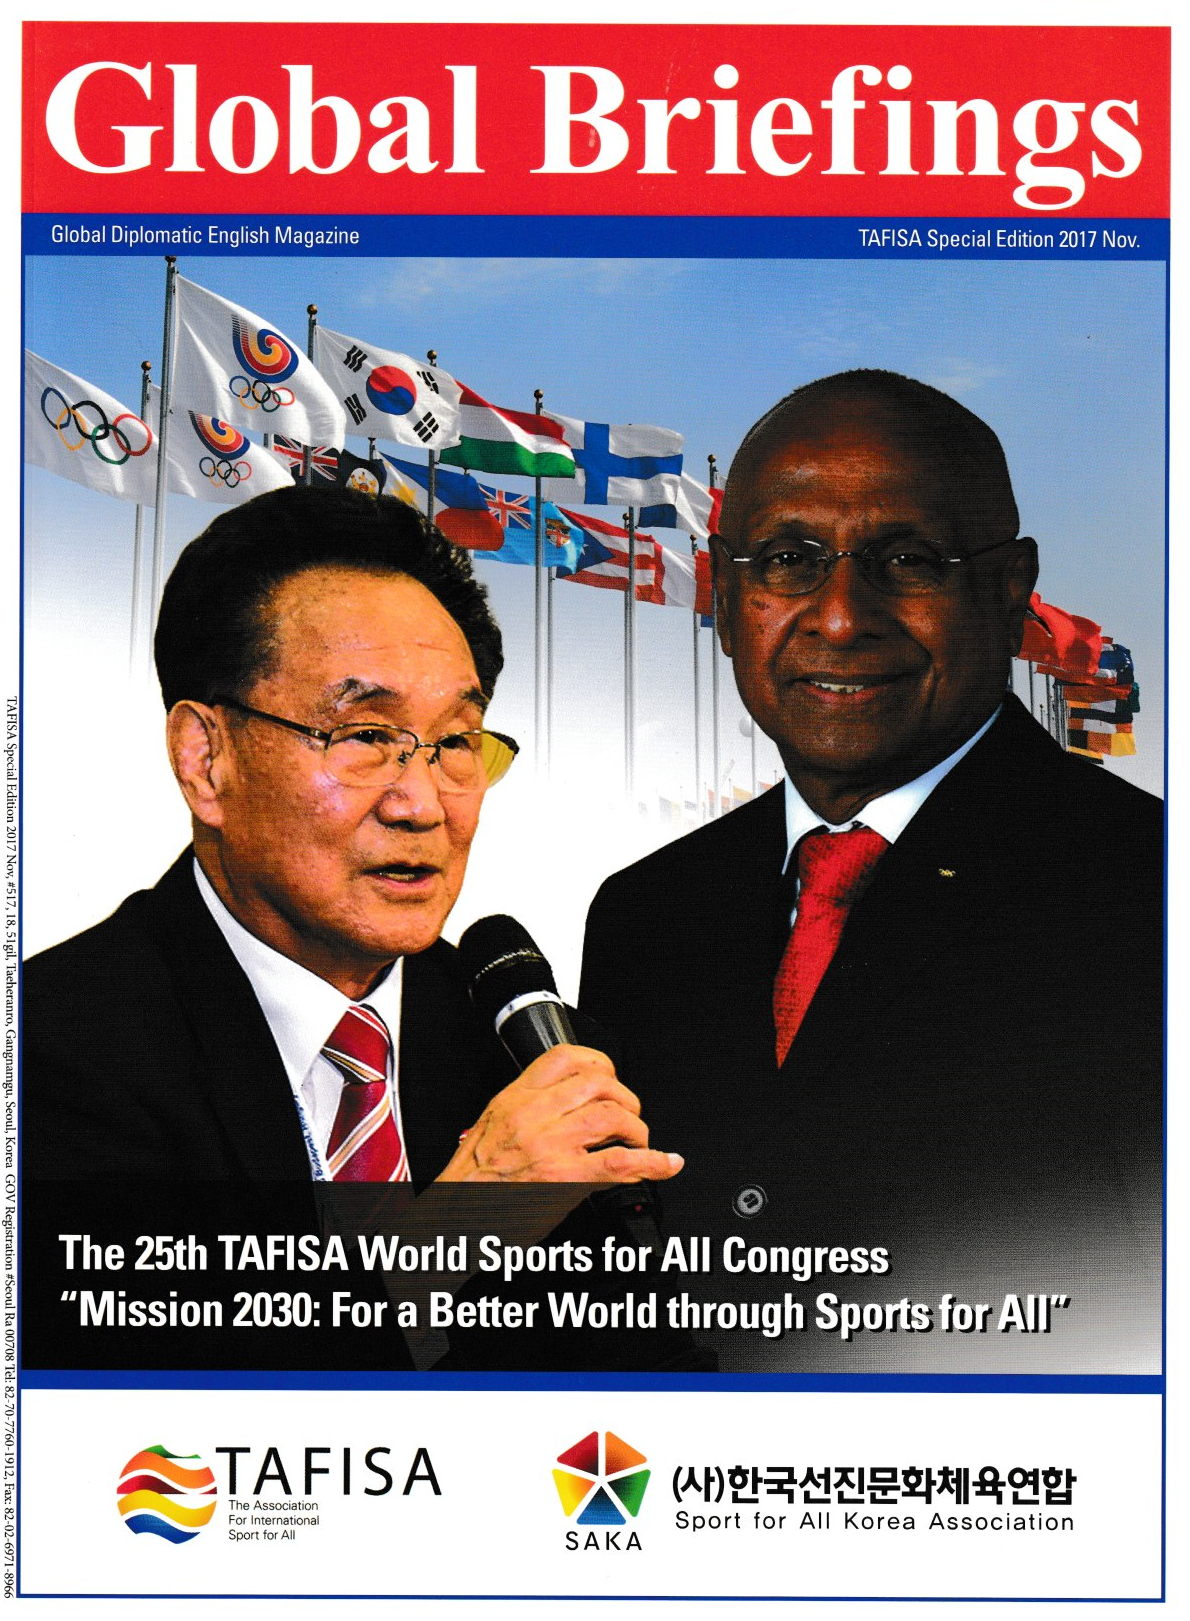 Global Briefings 1.png